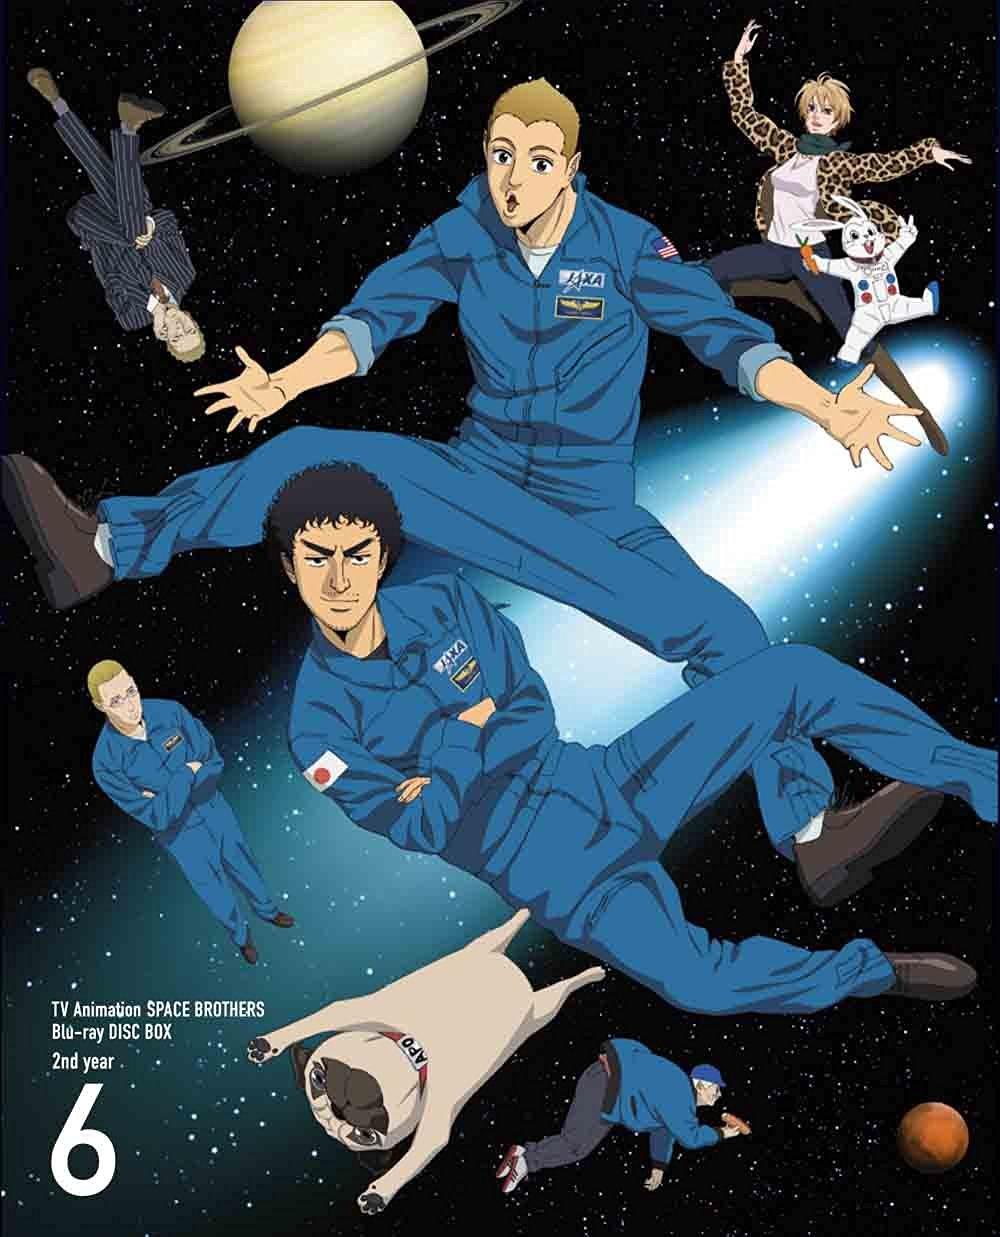 宇宙兄弟 は夢を追いかけるすべての人に観てほしいアニメ